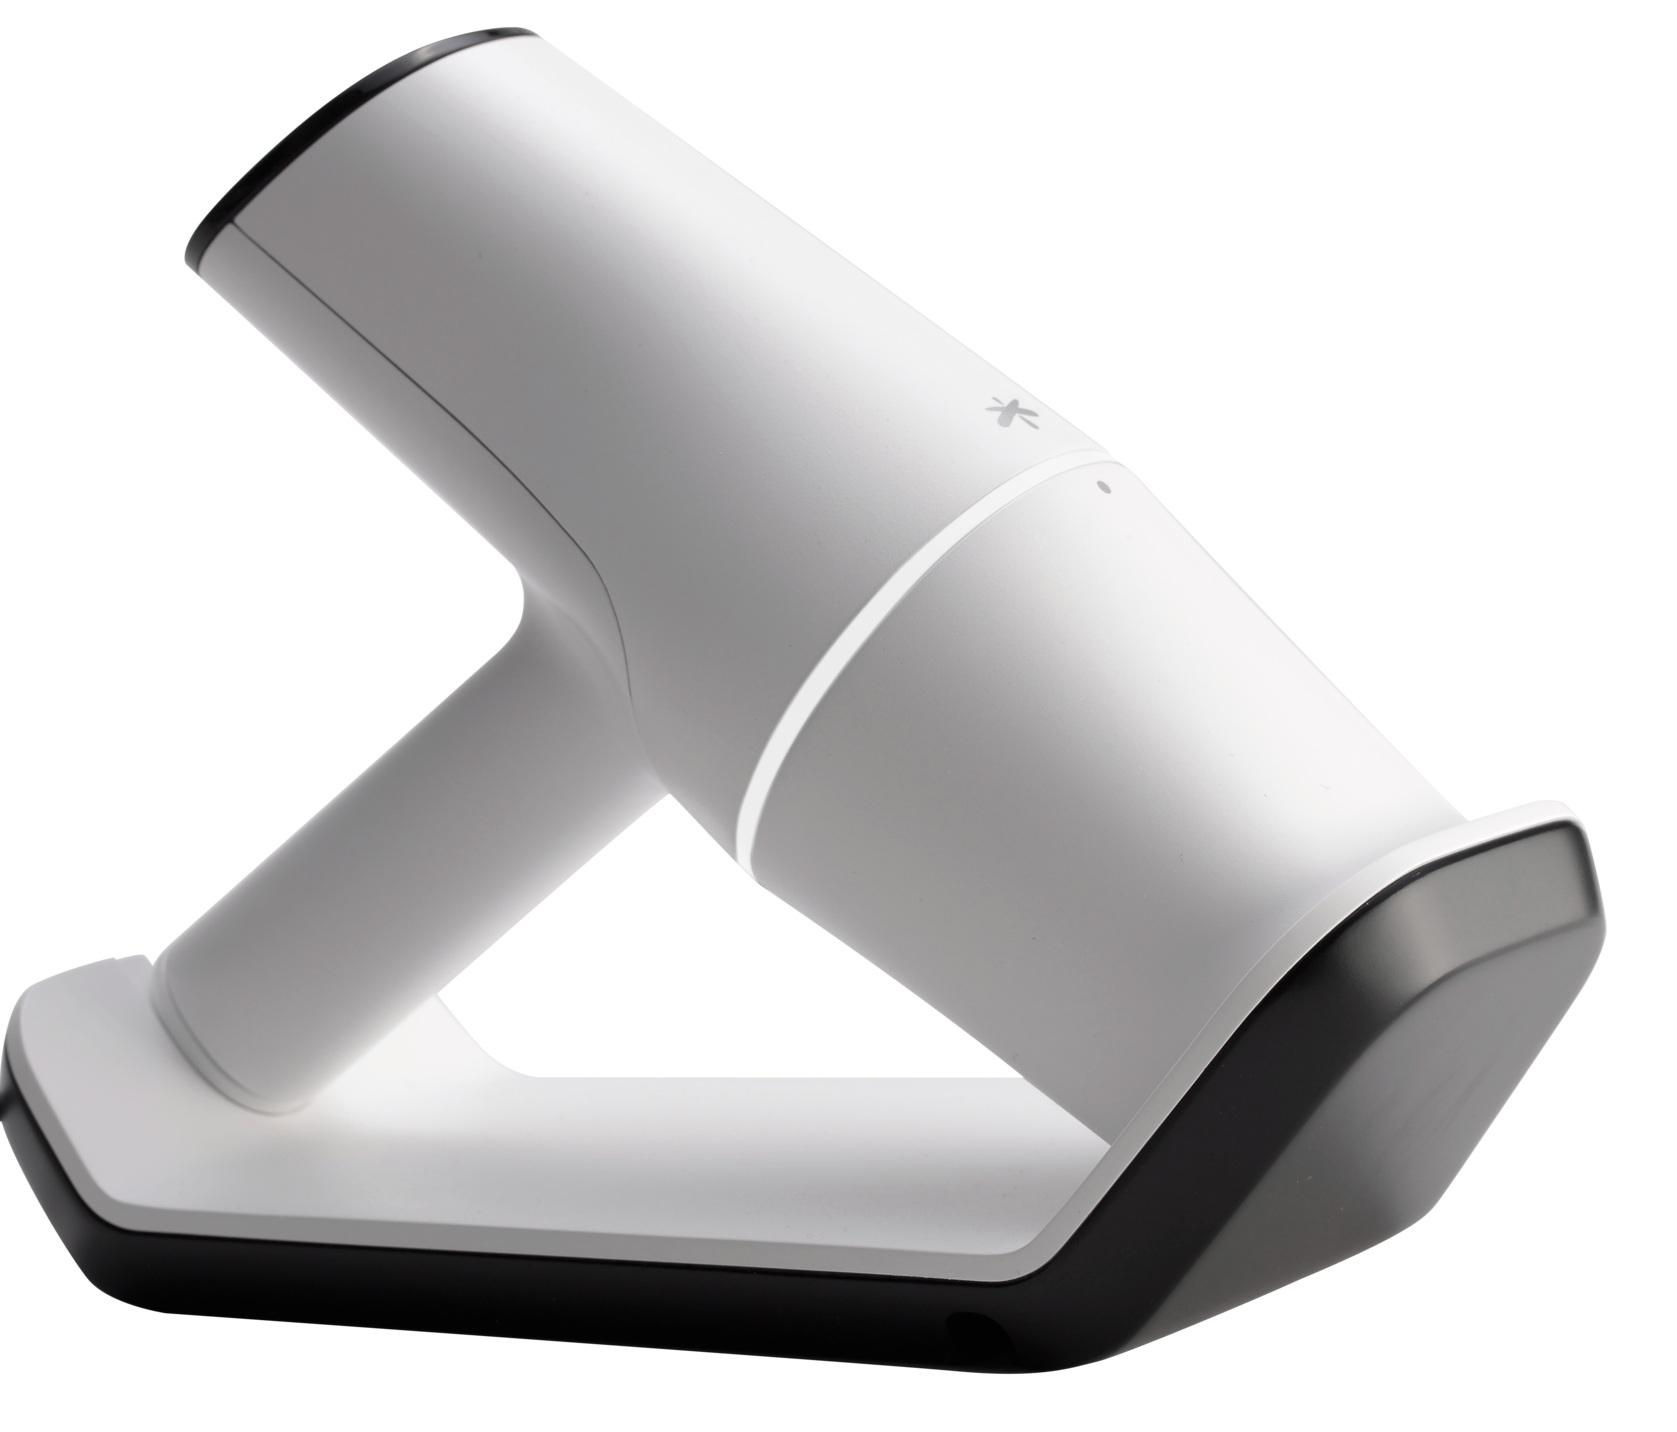 scaner+white.jpg